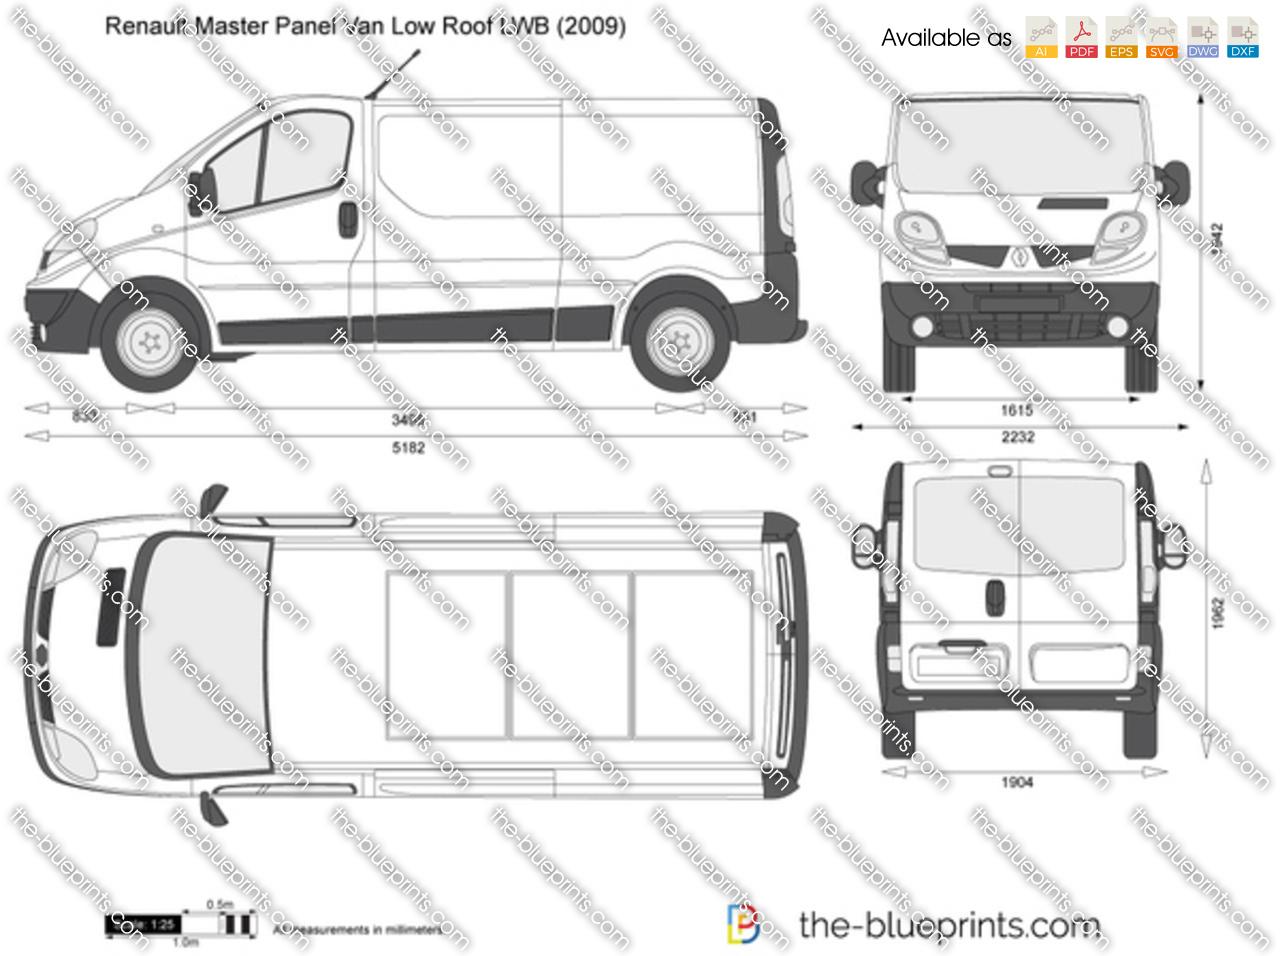 Renault Trafic Panel Van Low Roof LWB 2014